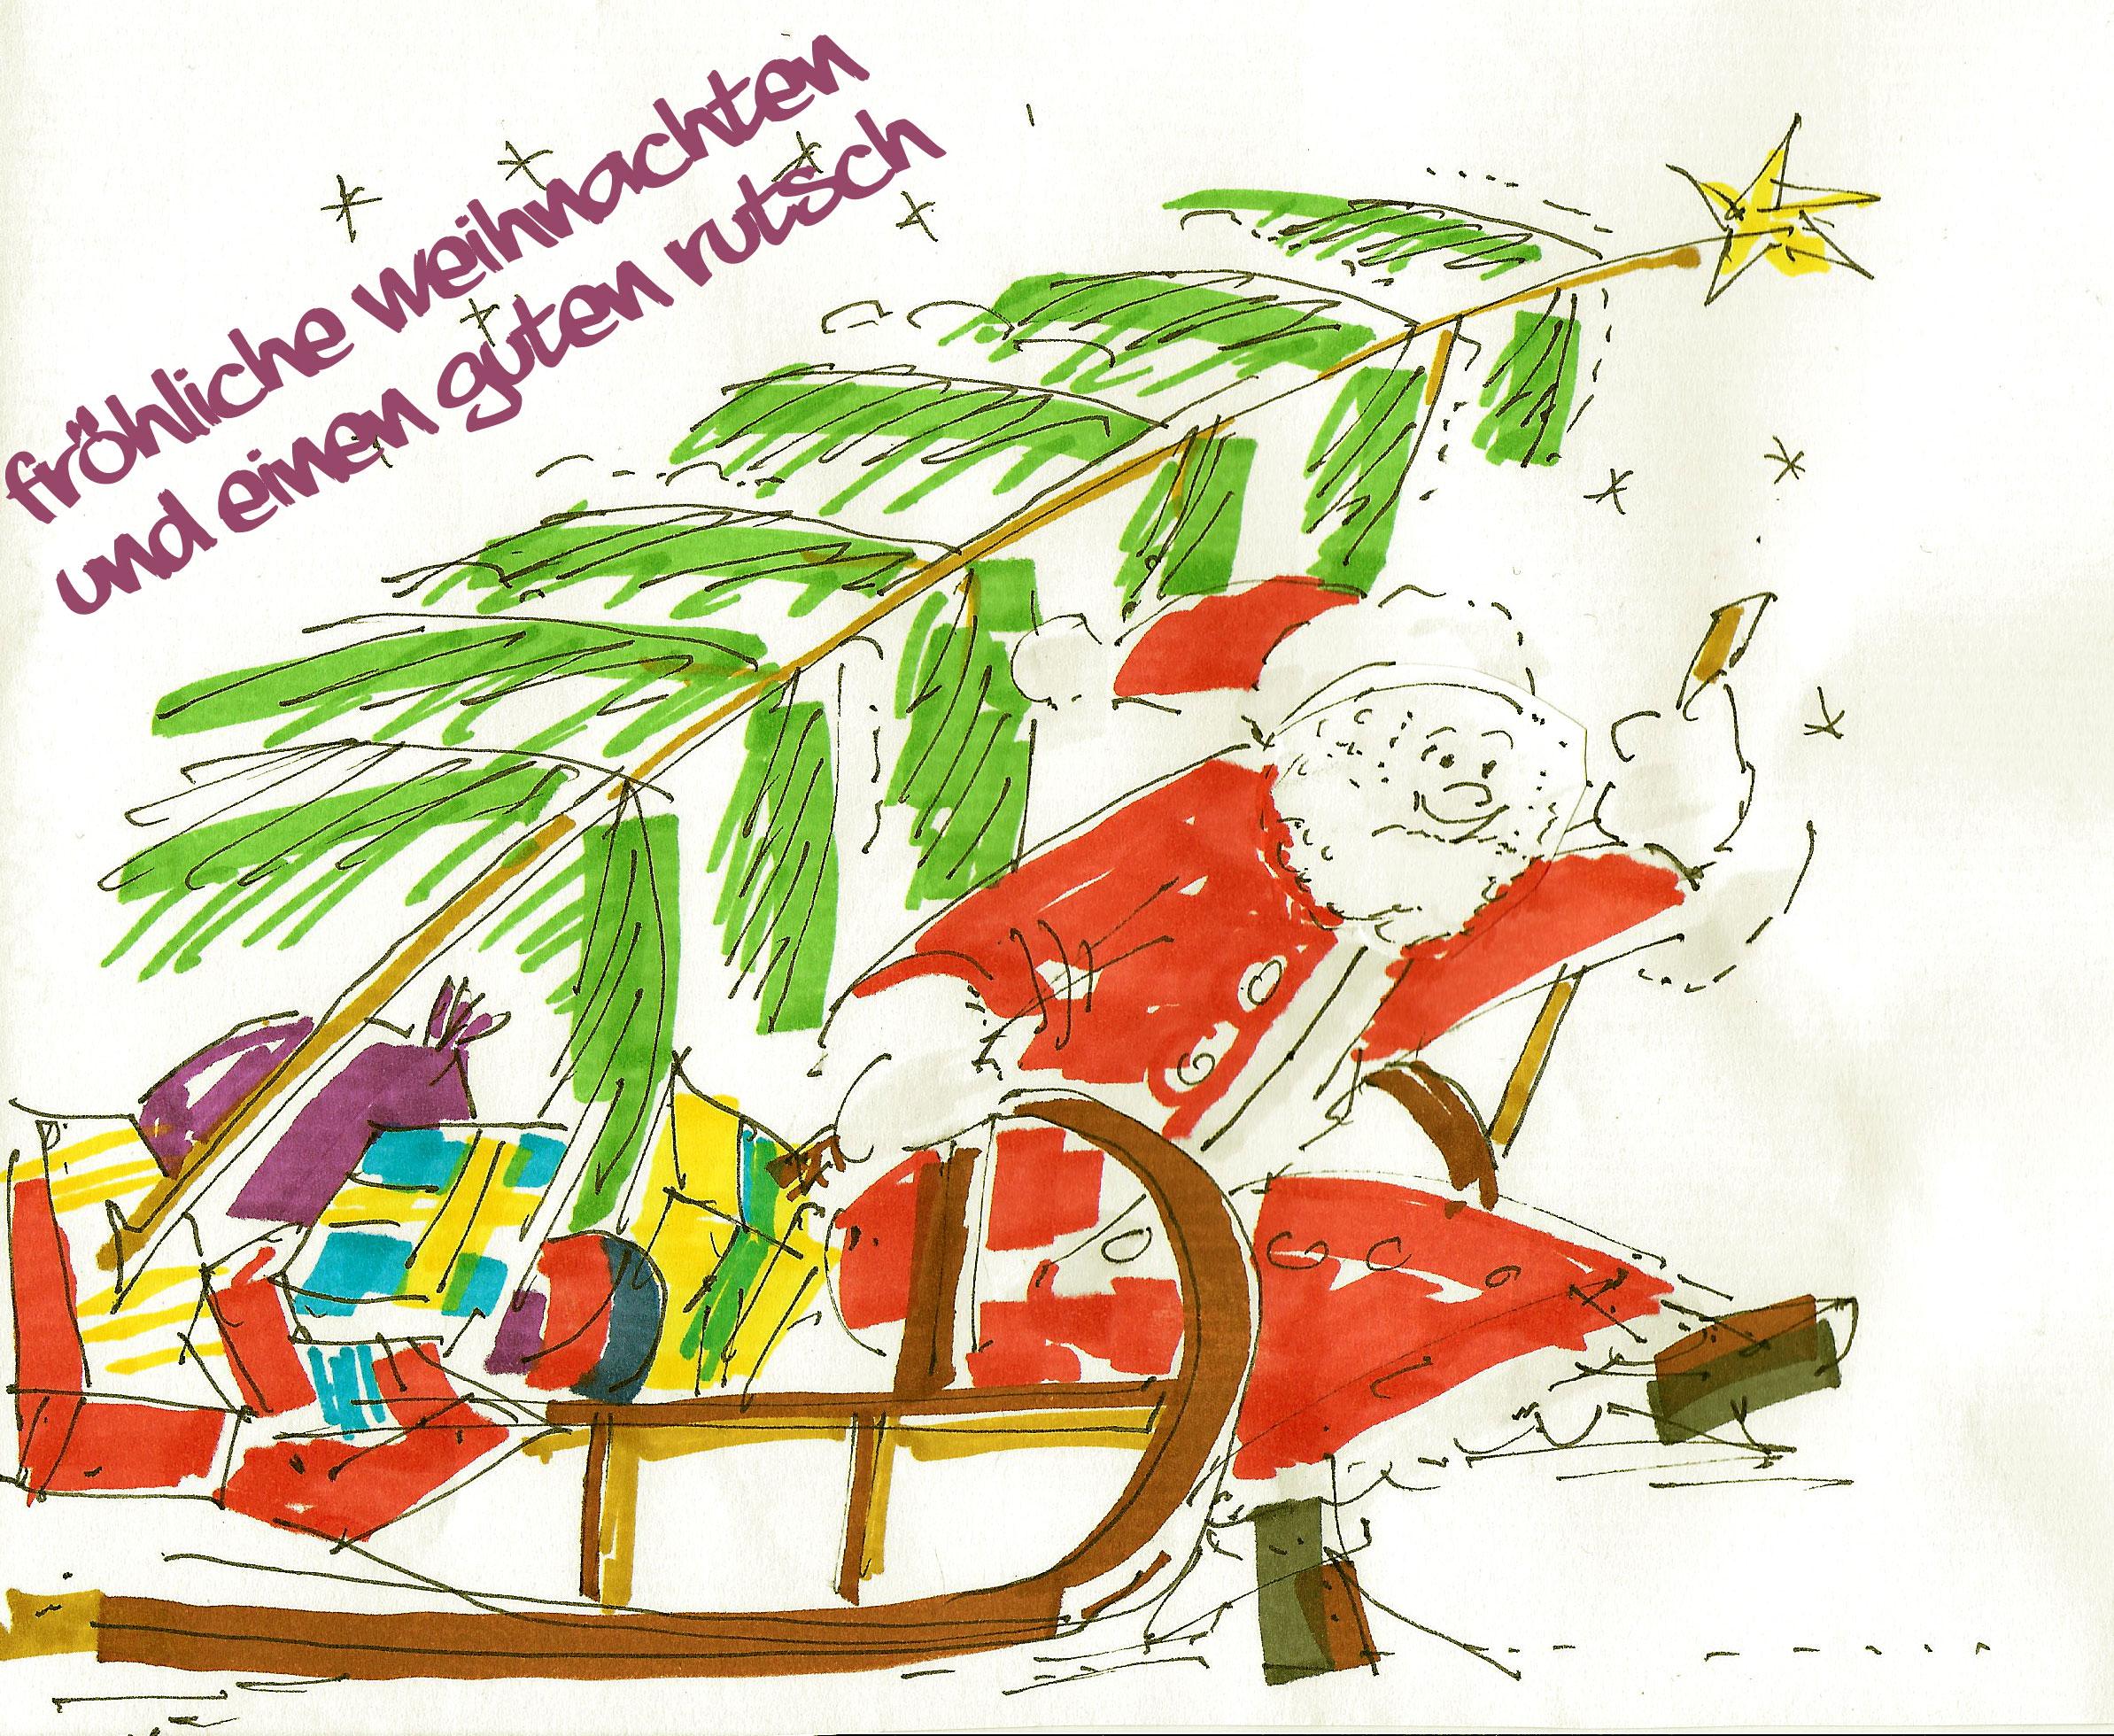 Fröhliche Weihnachten -w ir bringen Wissen ins Rollen